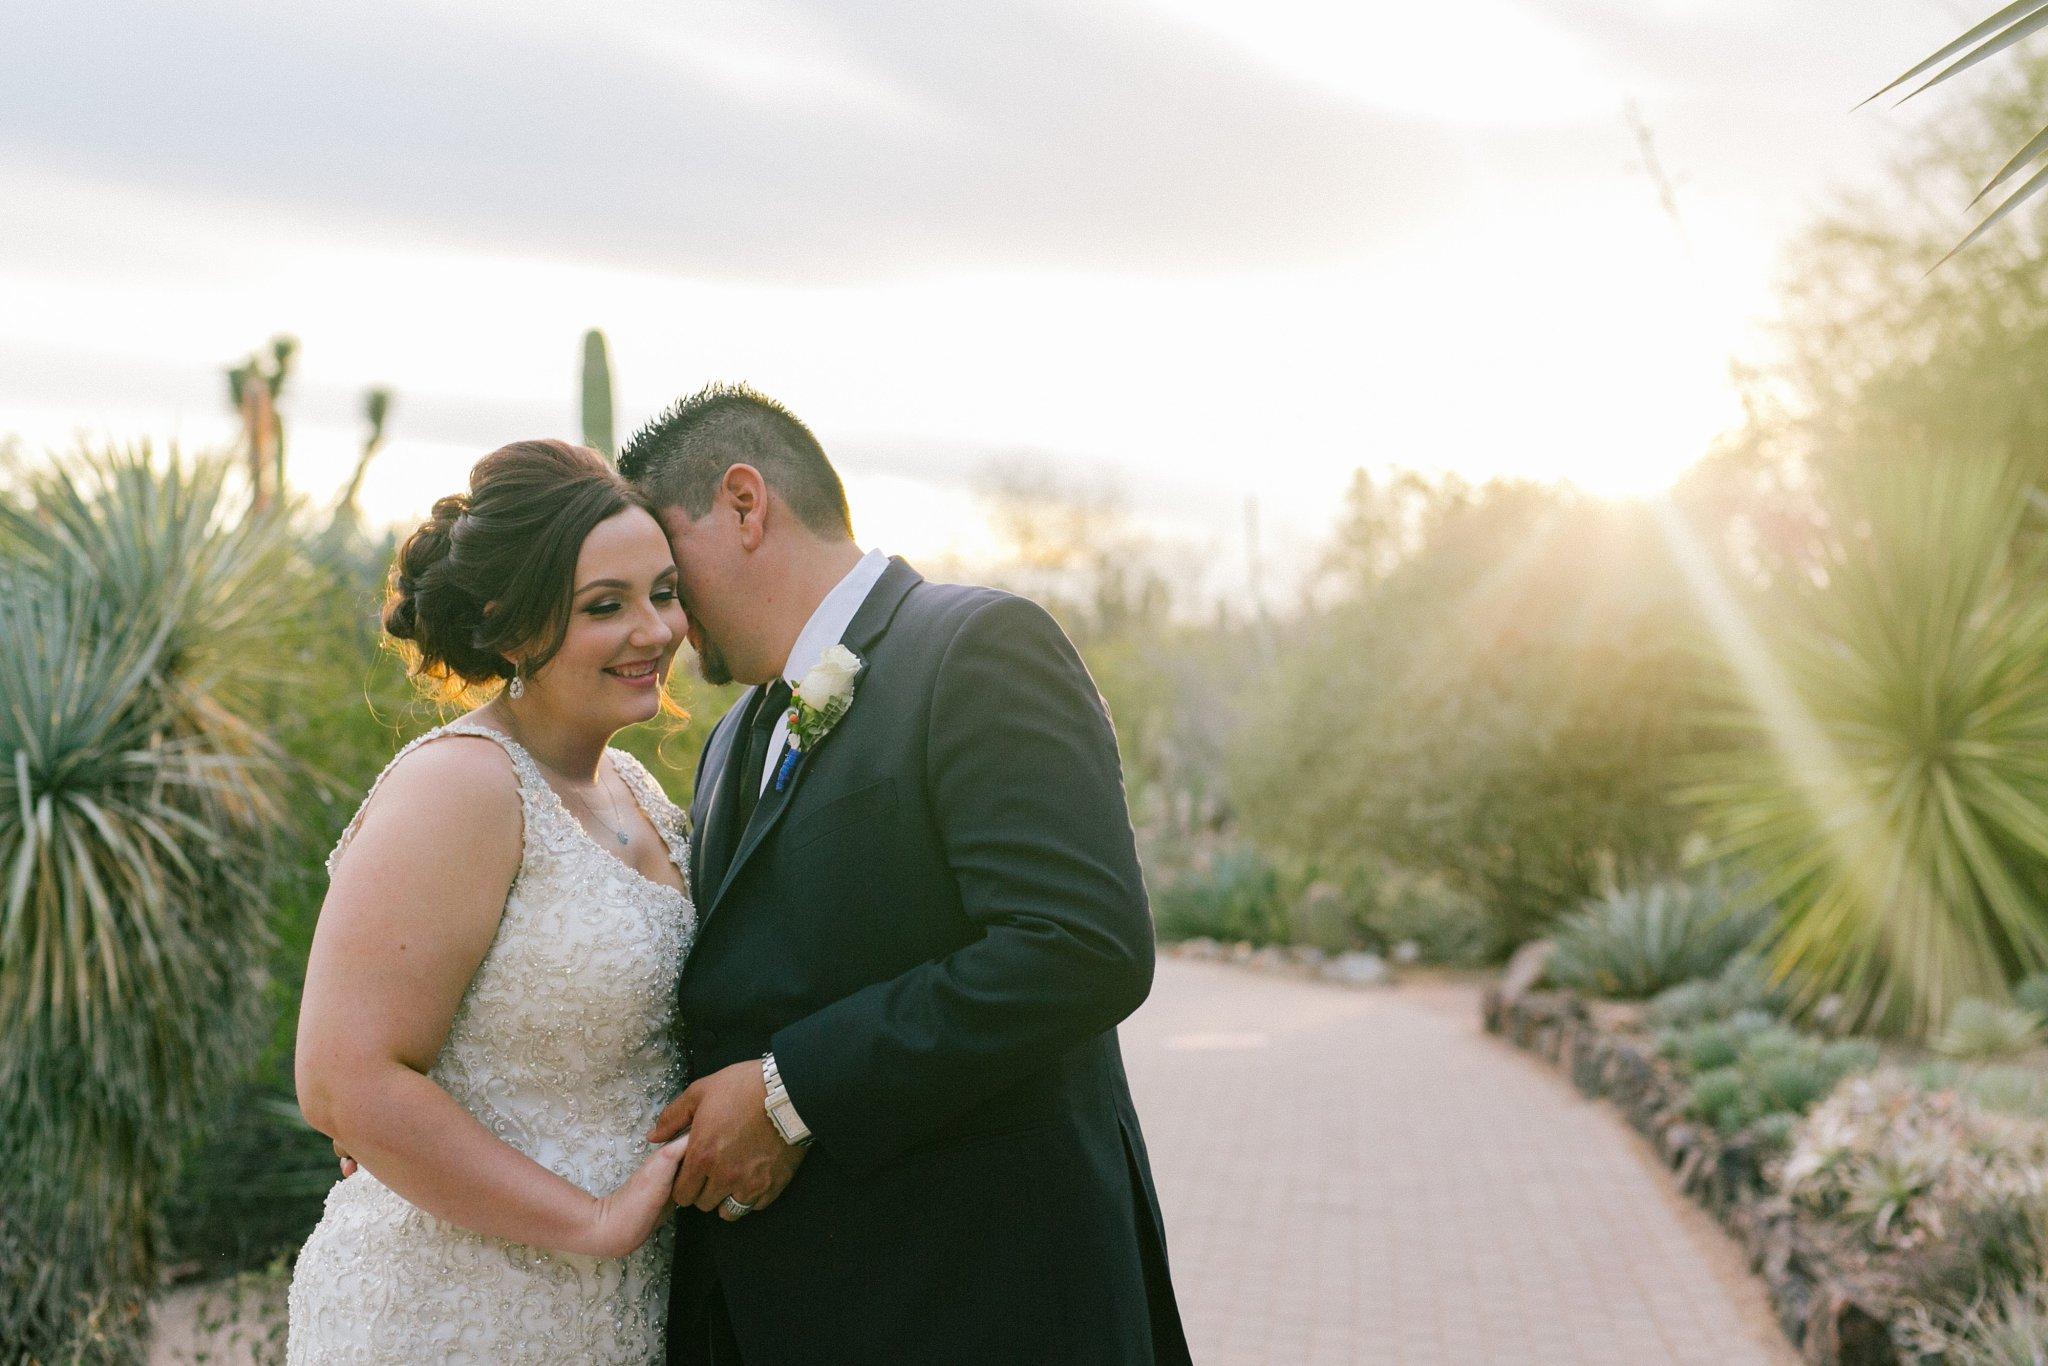 Desert Botanical Garden wedding photos